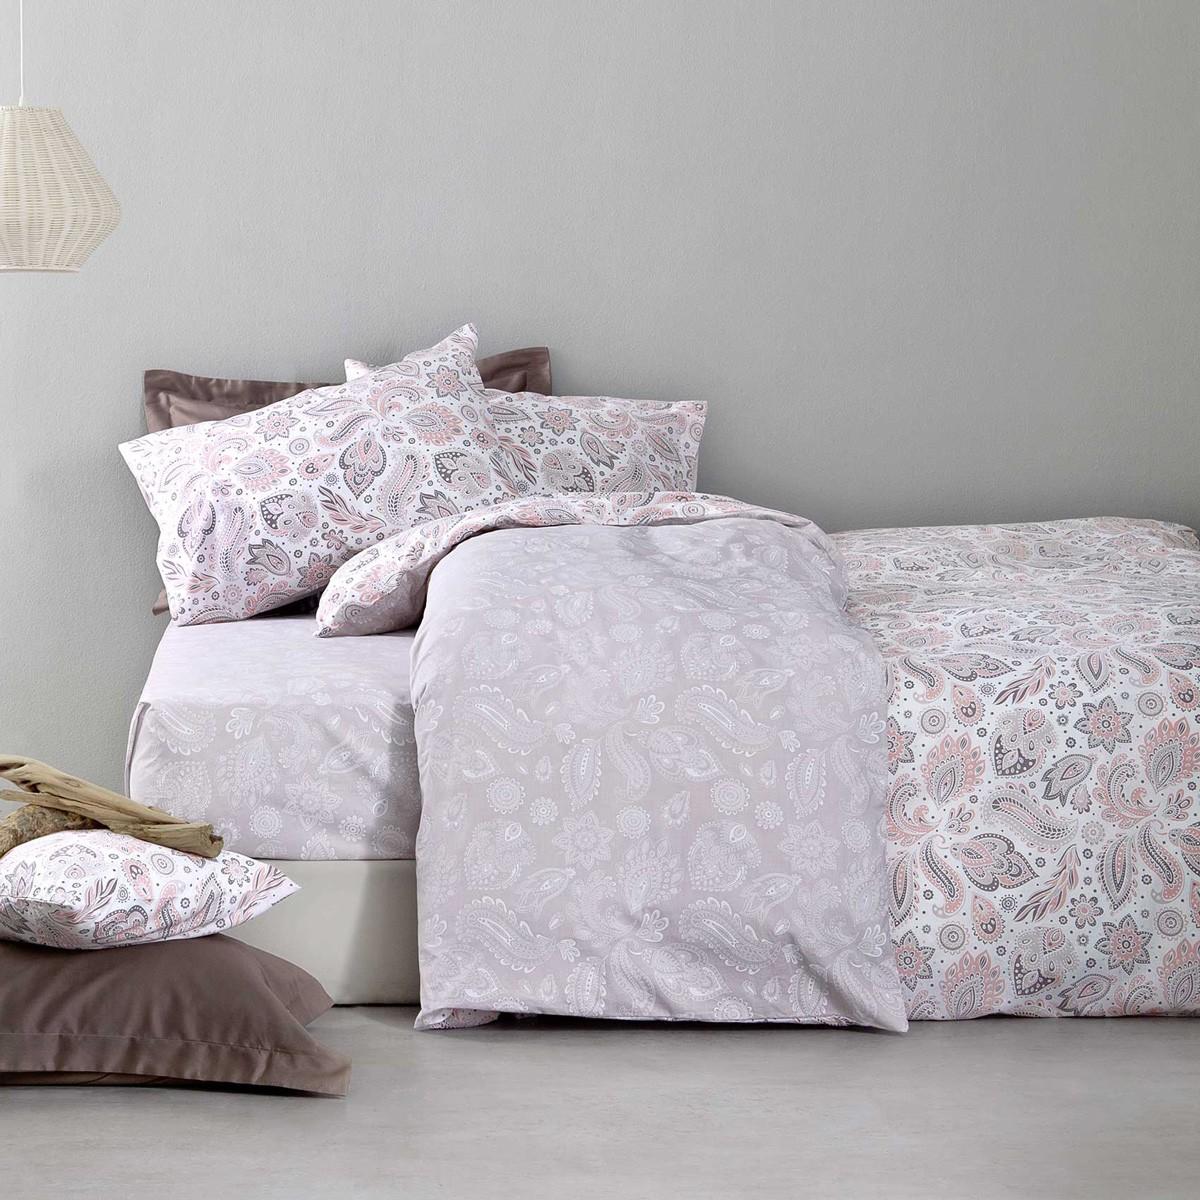 Κουβερλί Μονό Nima Bed Linen Delhi Pink